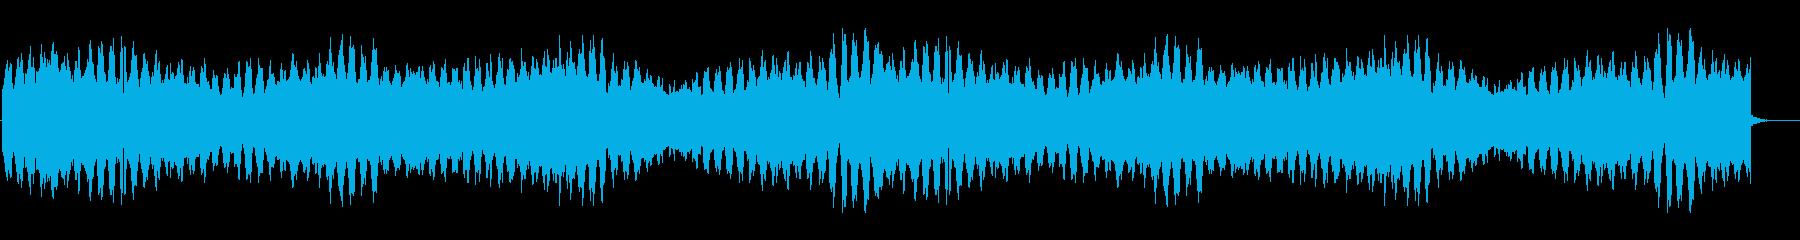 救急車のサイレン:内線:ファースト...の再生済みの波形